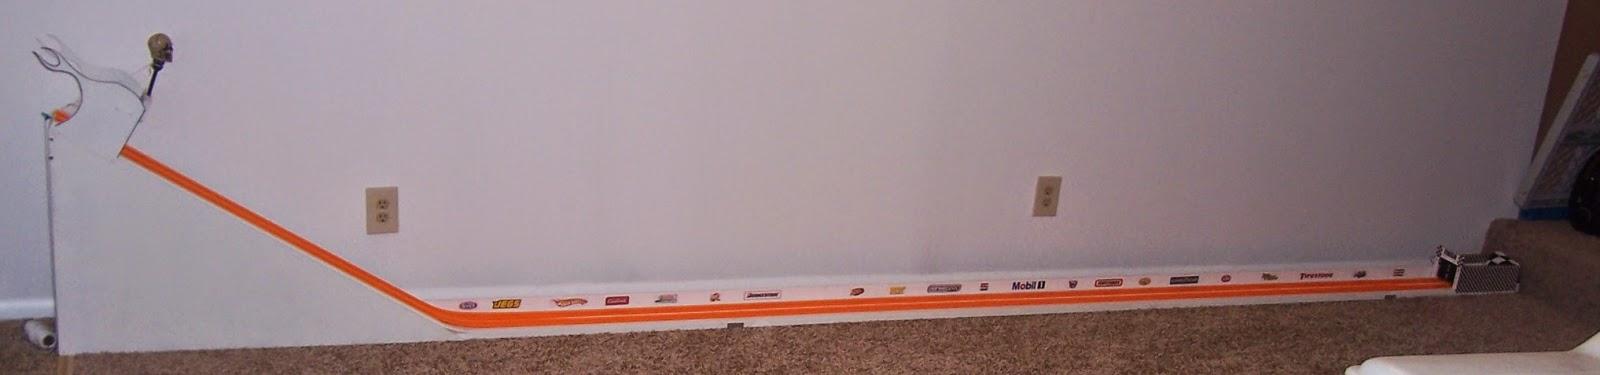 How To Install Race Track Ceiling Www Lightneasy Net